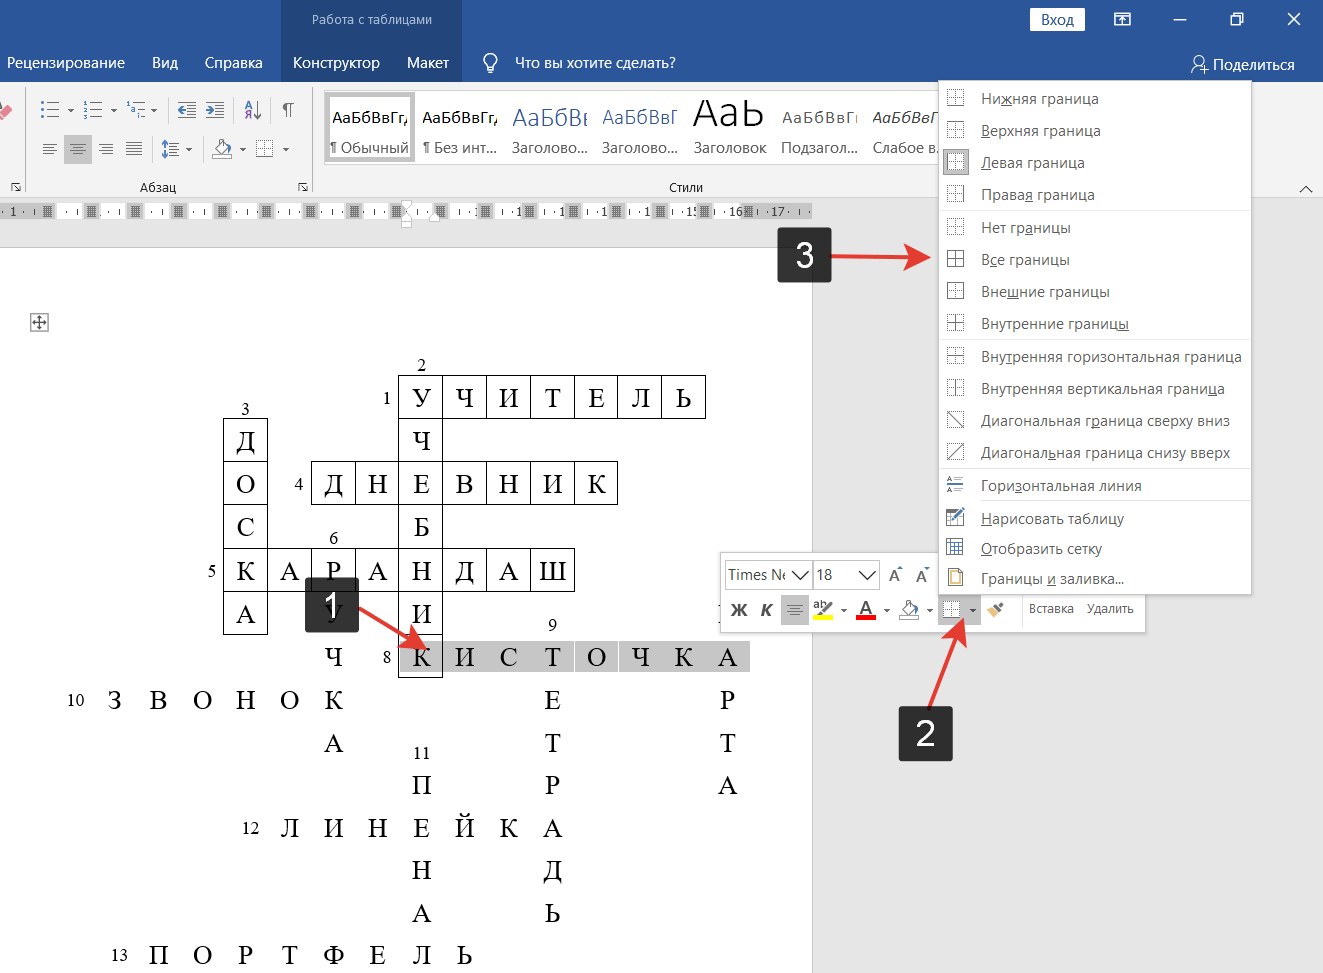 Отображение границ таблицы